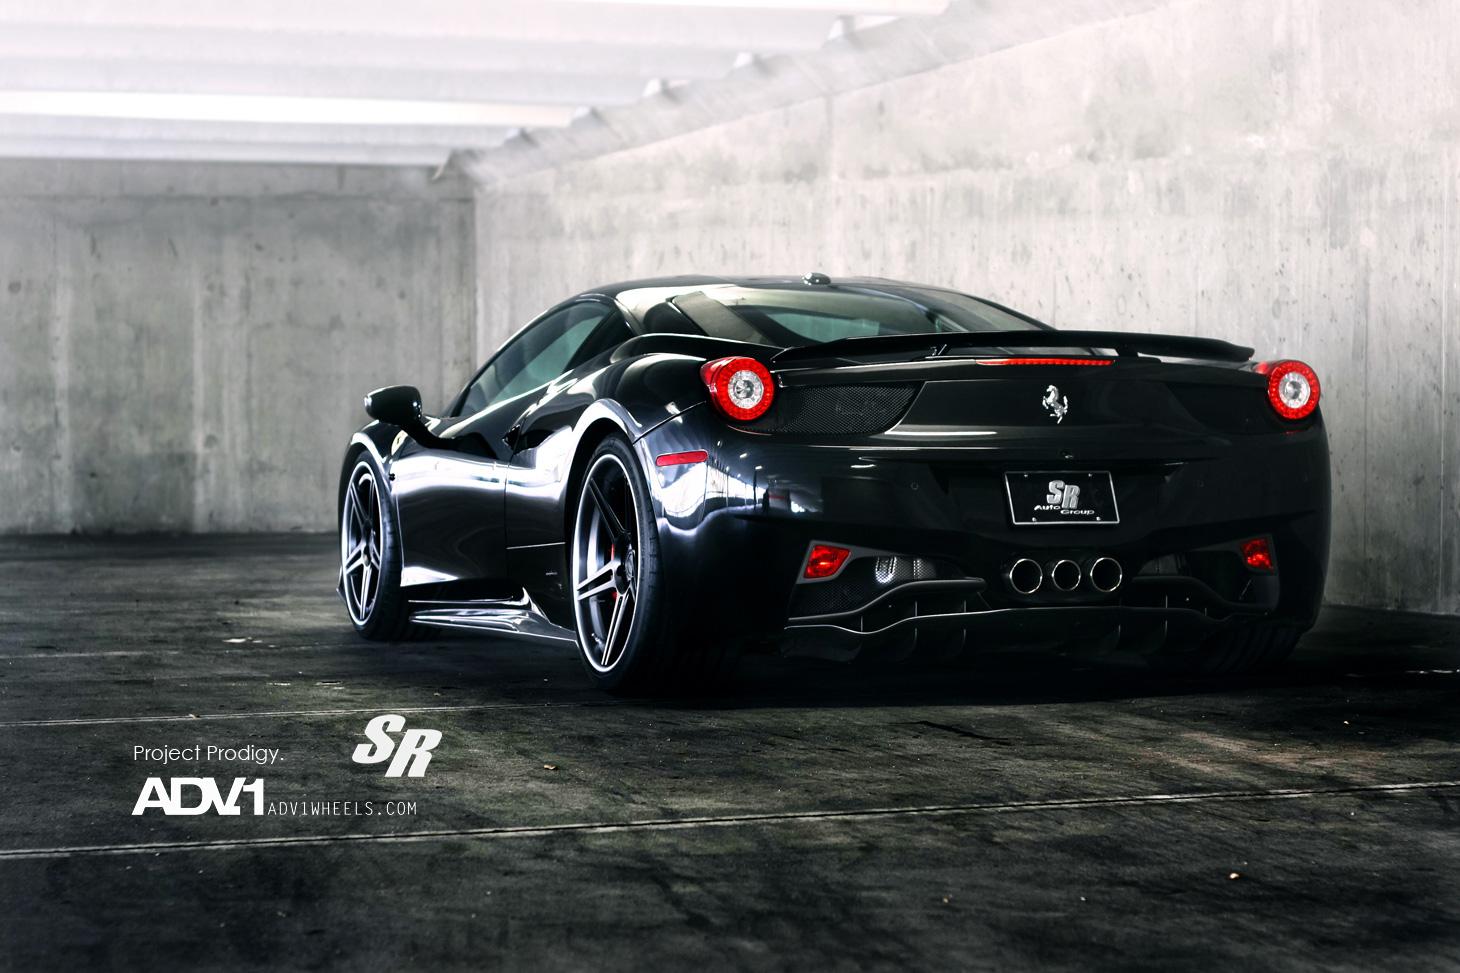 Ecu upgrade ferrari 458 italia fancy customized ferrari 458 ferrari 458 italia wallpaper vanachro Gallery